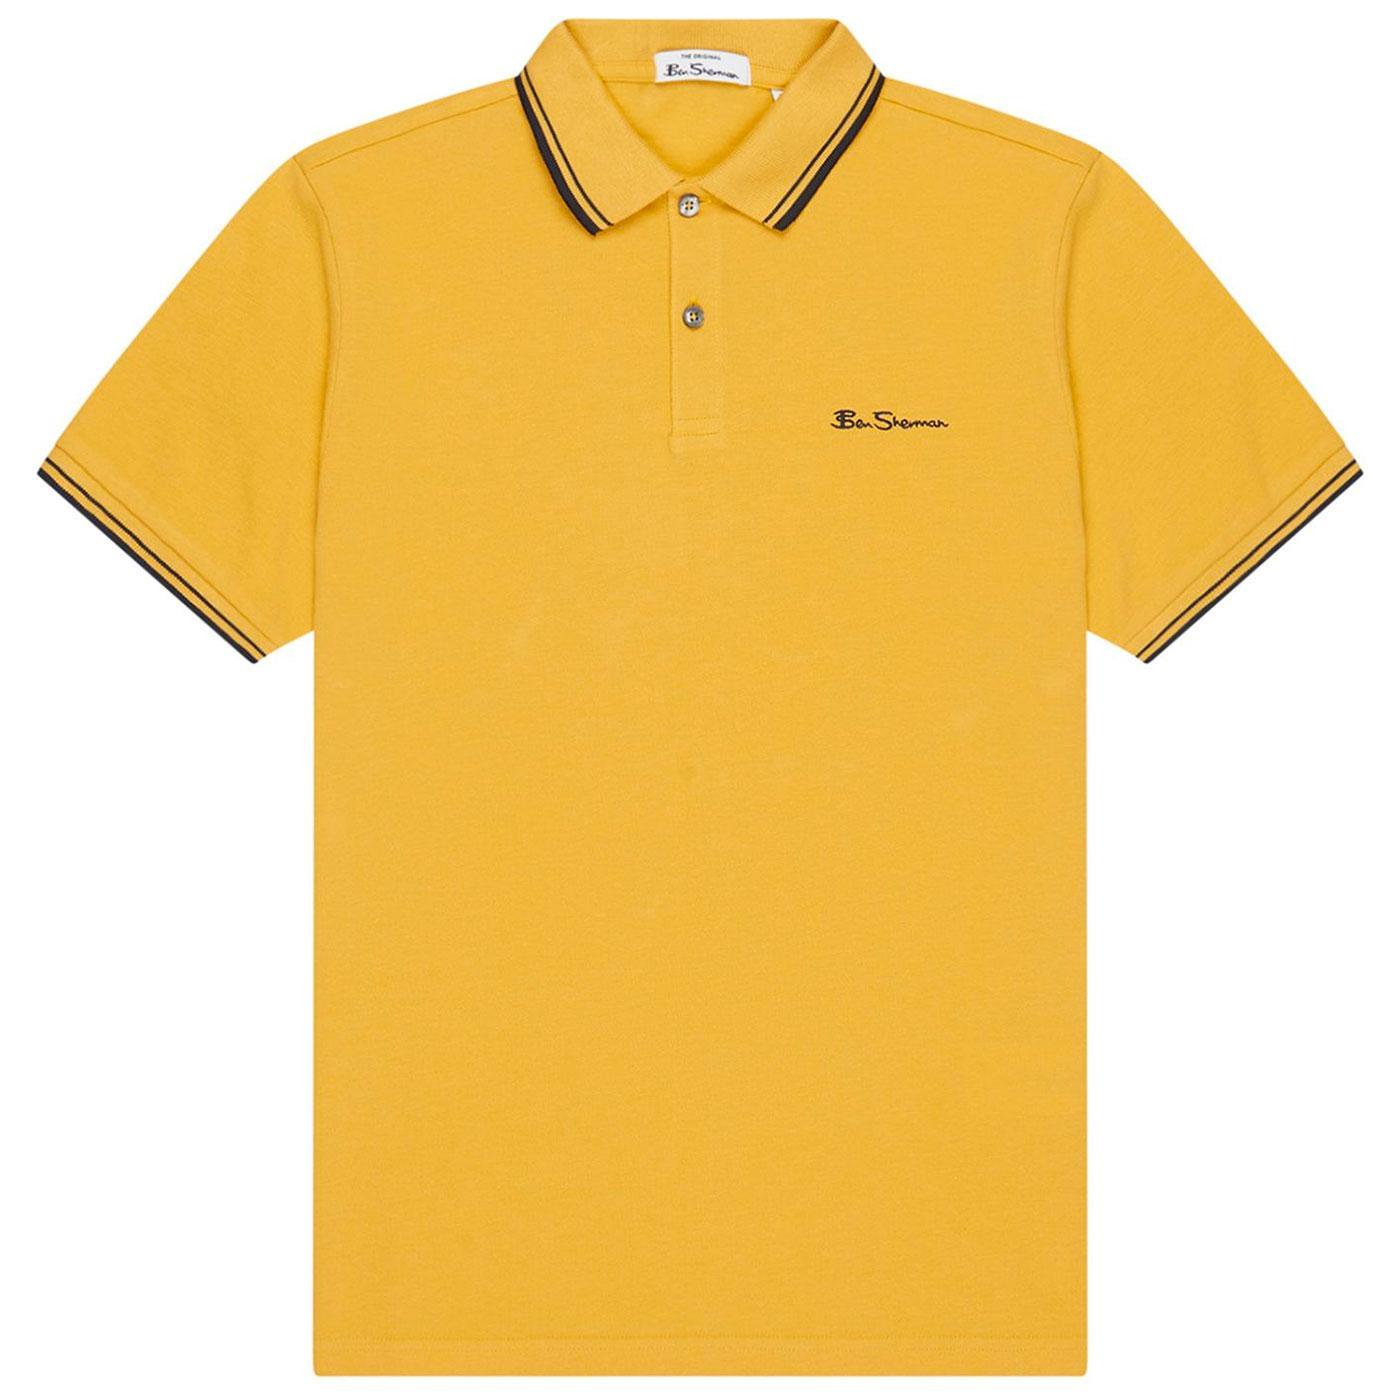 BEN SHERMAN Signature Mod Tipped Pique Polo Yellow